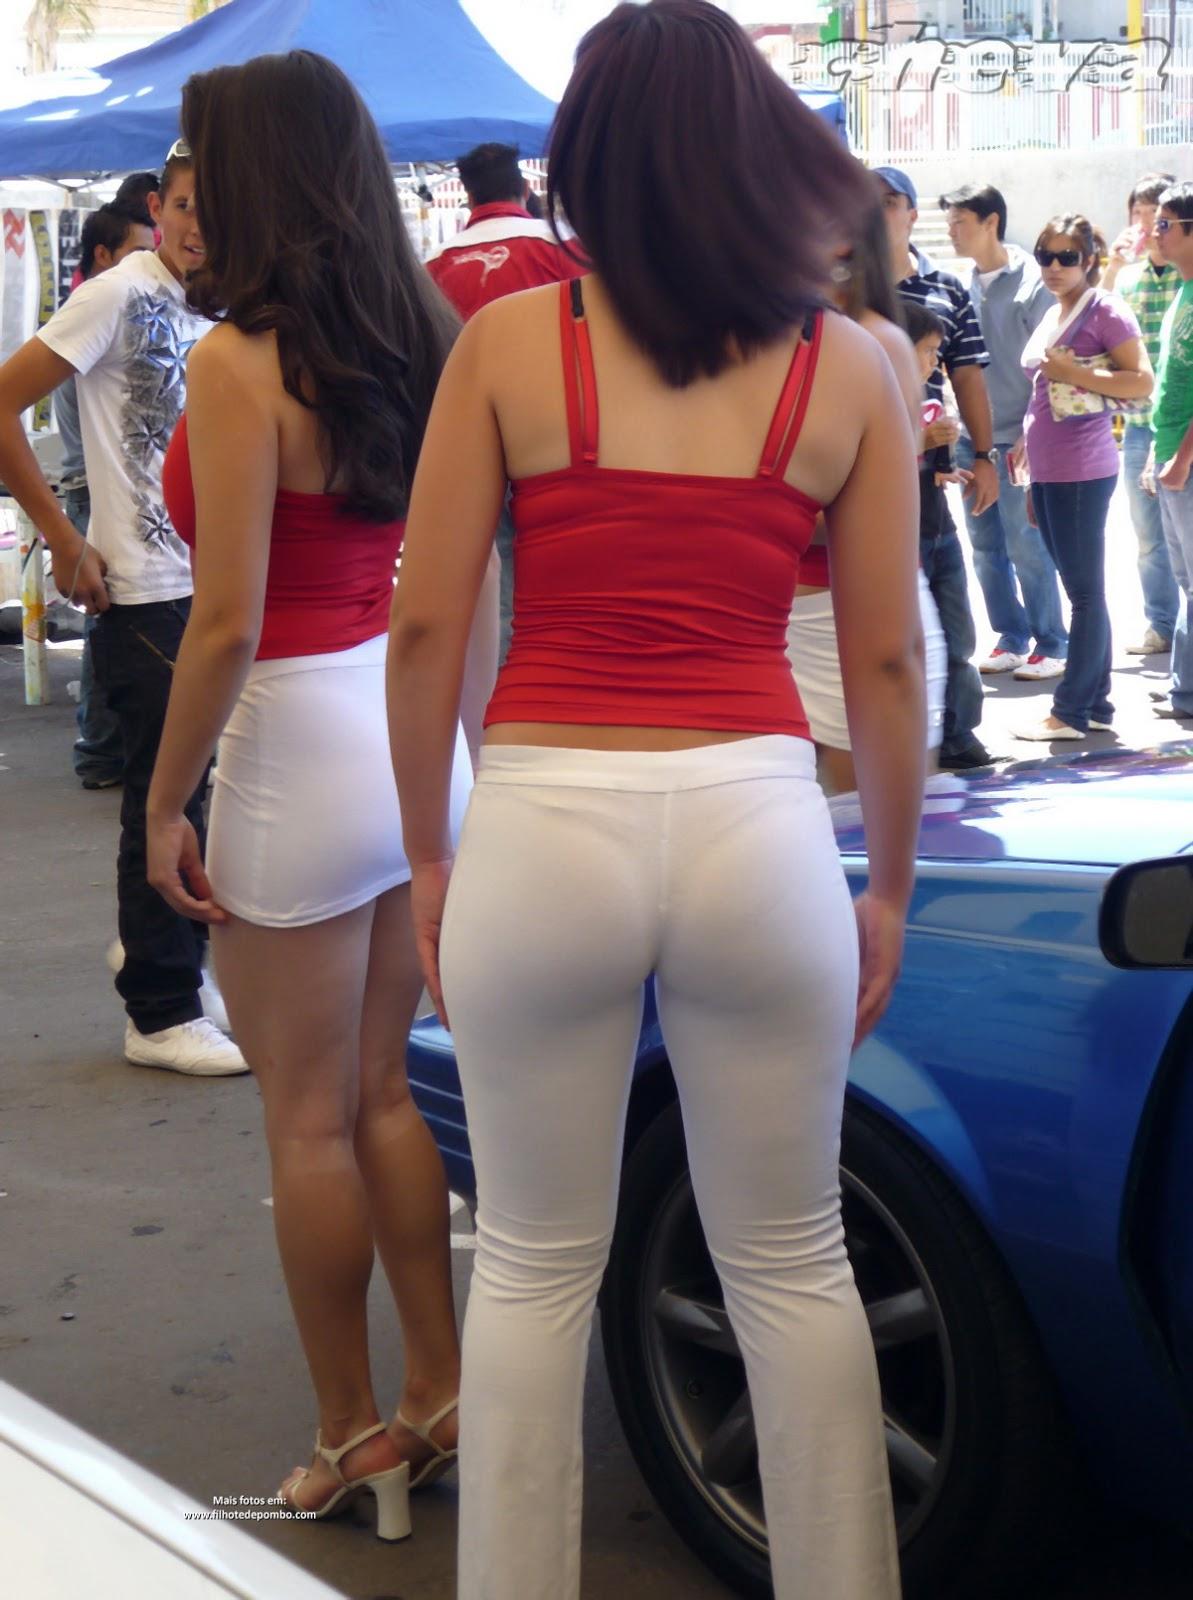 Embaladas a vácuo - Belas mulheres com roupas super apertadas - Parte 24